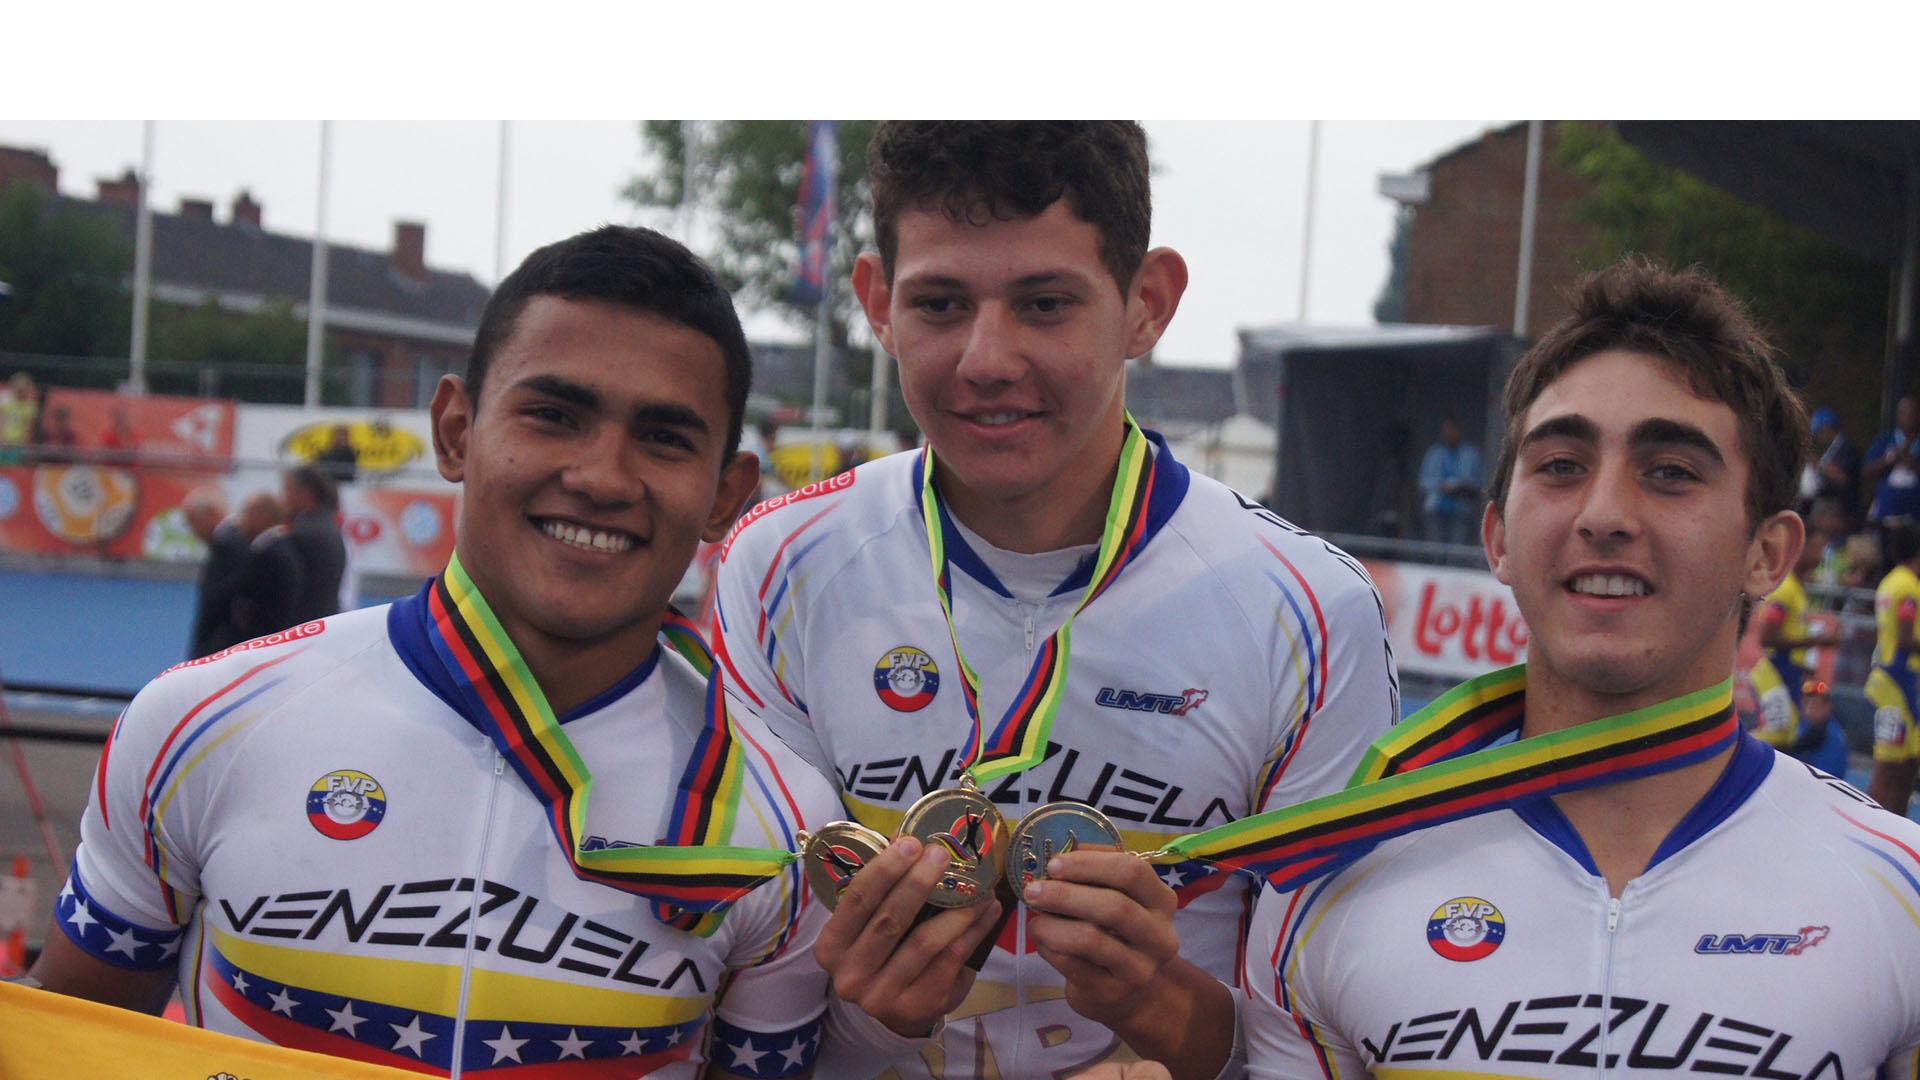 Entre los galardones está una de plata y dos de bronce, anteriormente Rosario, en Argentina, sumaron en total ocho medallas